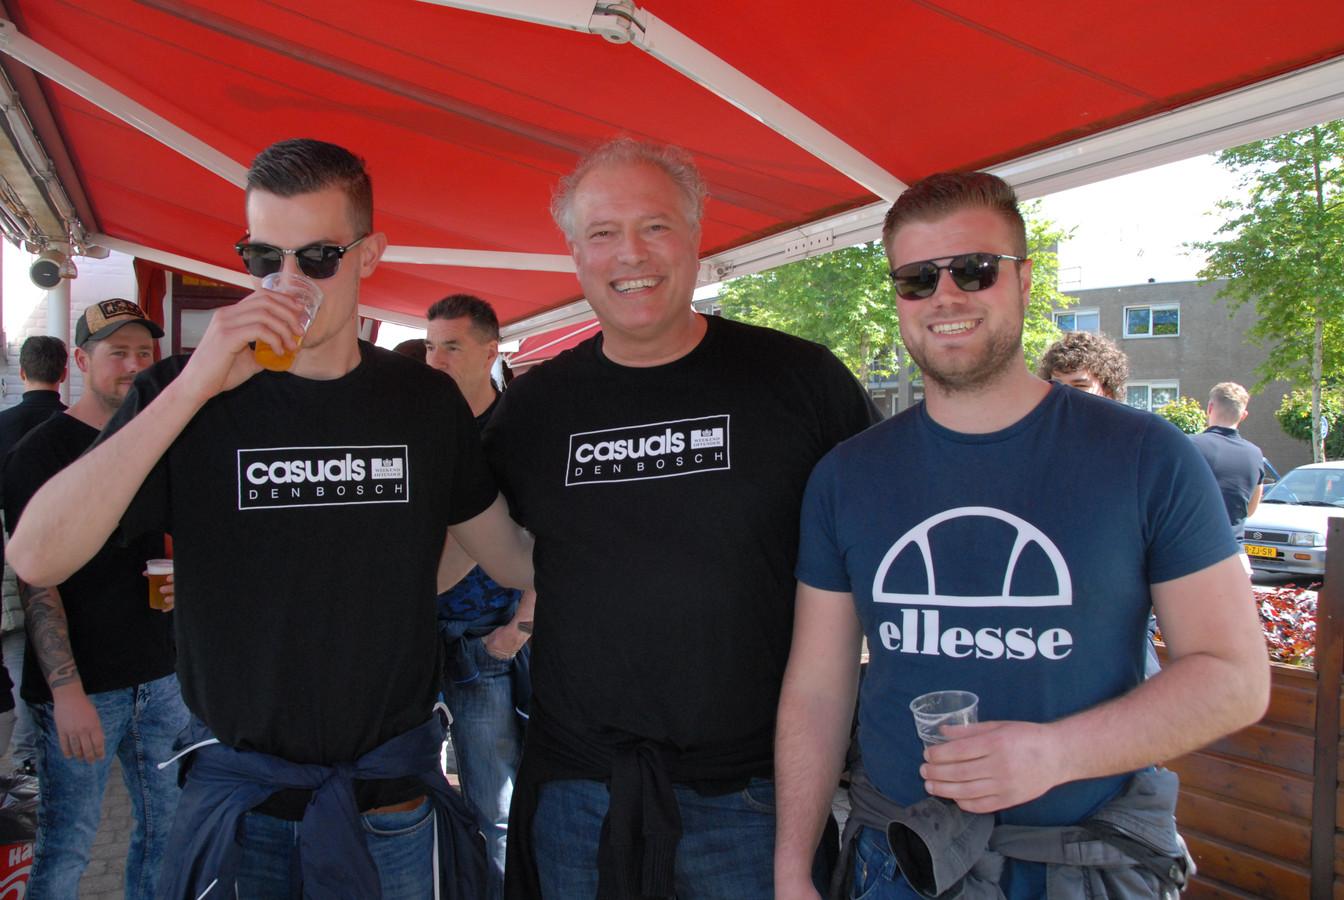 Het vertrouwen op de goede afloop is groot onder de supporters van FC Den Bosch. Paul van Boxtel(54) wordt op het buitenterras van café 't Zonneke geflankeerd door zijn zonen Lars(21) en Rob(22)